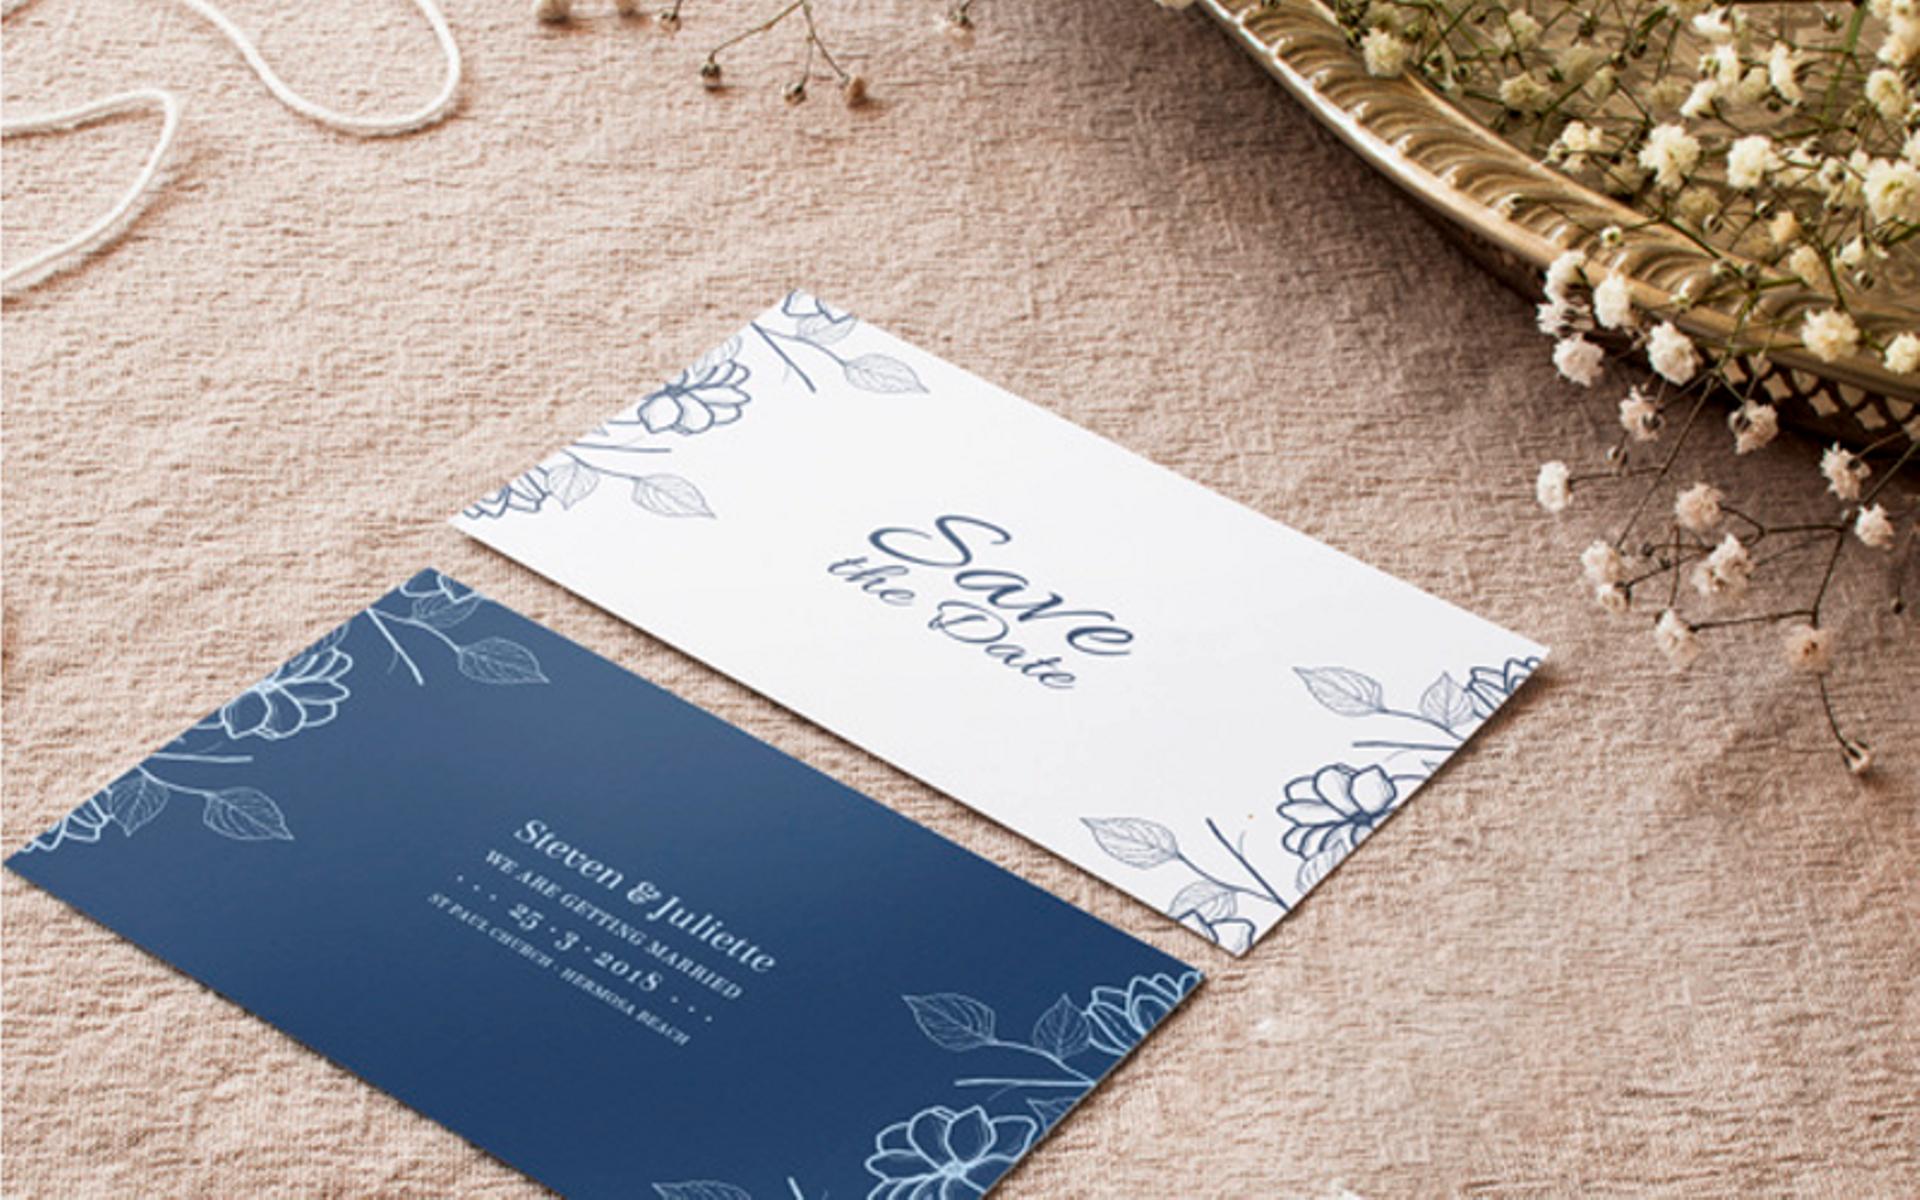 """=הזמנות לאירועים הדפסה צבעונית דו""""צ, נייר קרטון פניה מיוחד לבן/זהב.."""